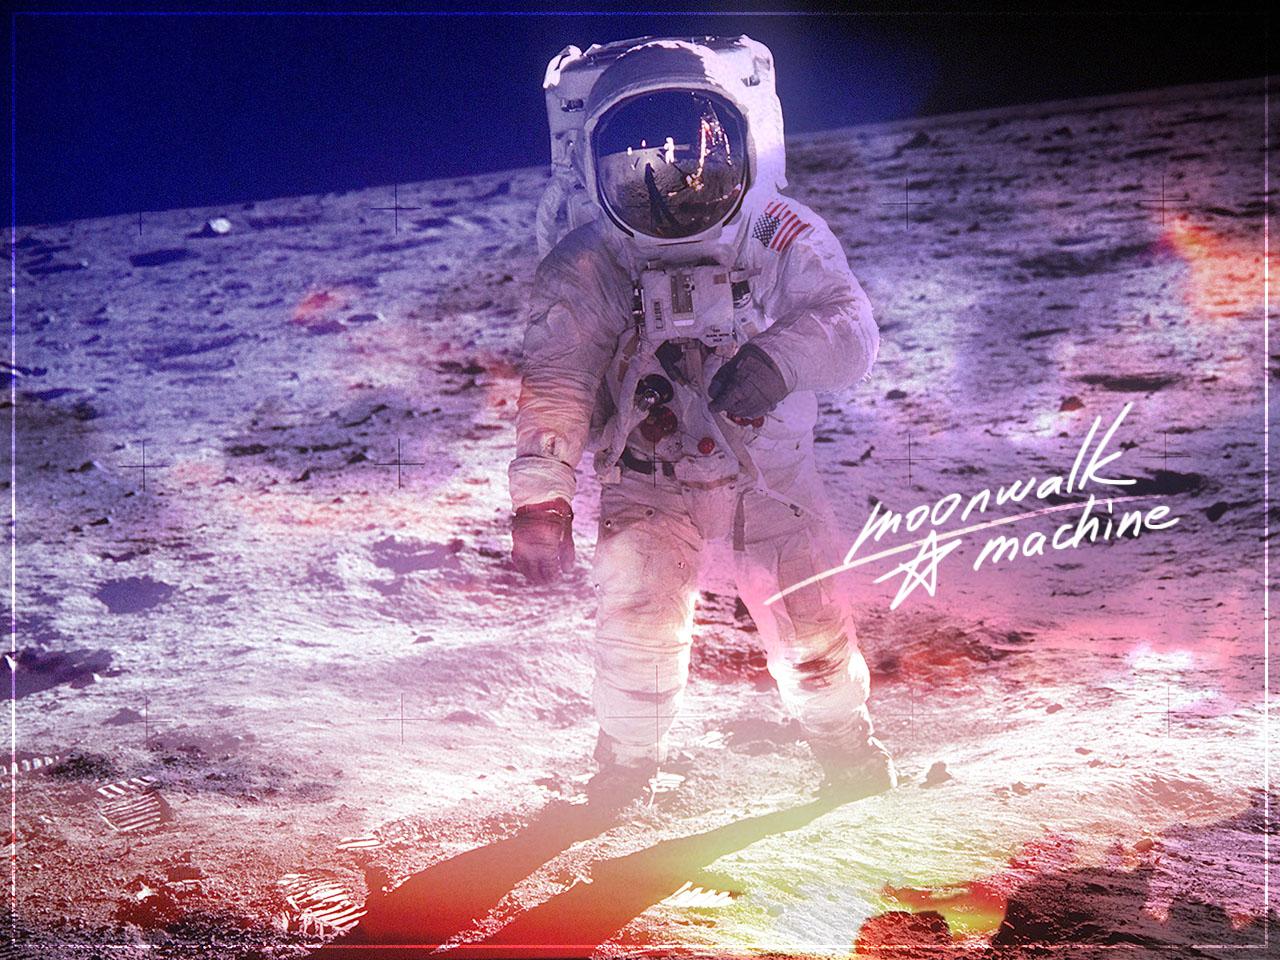 女の子が踏み出す、月面への第一歩。スプツニ子!「ムーンウォーク☆マシン、セレナの一歩」